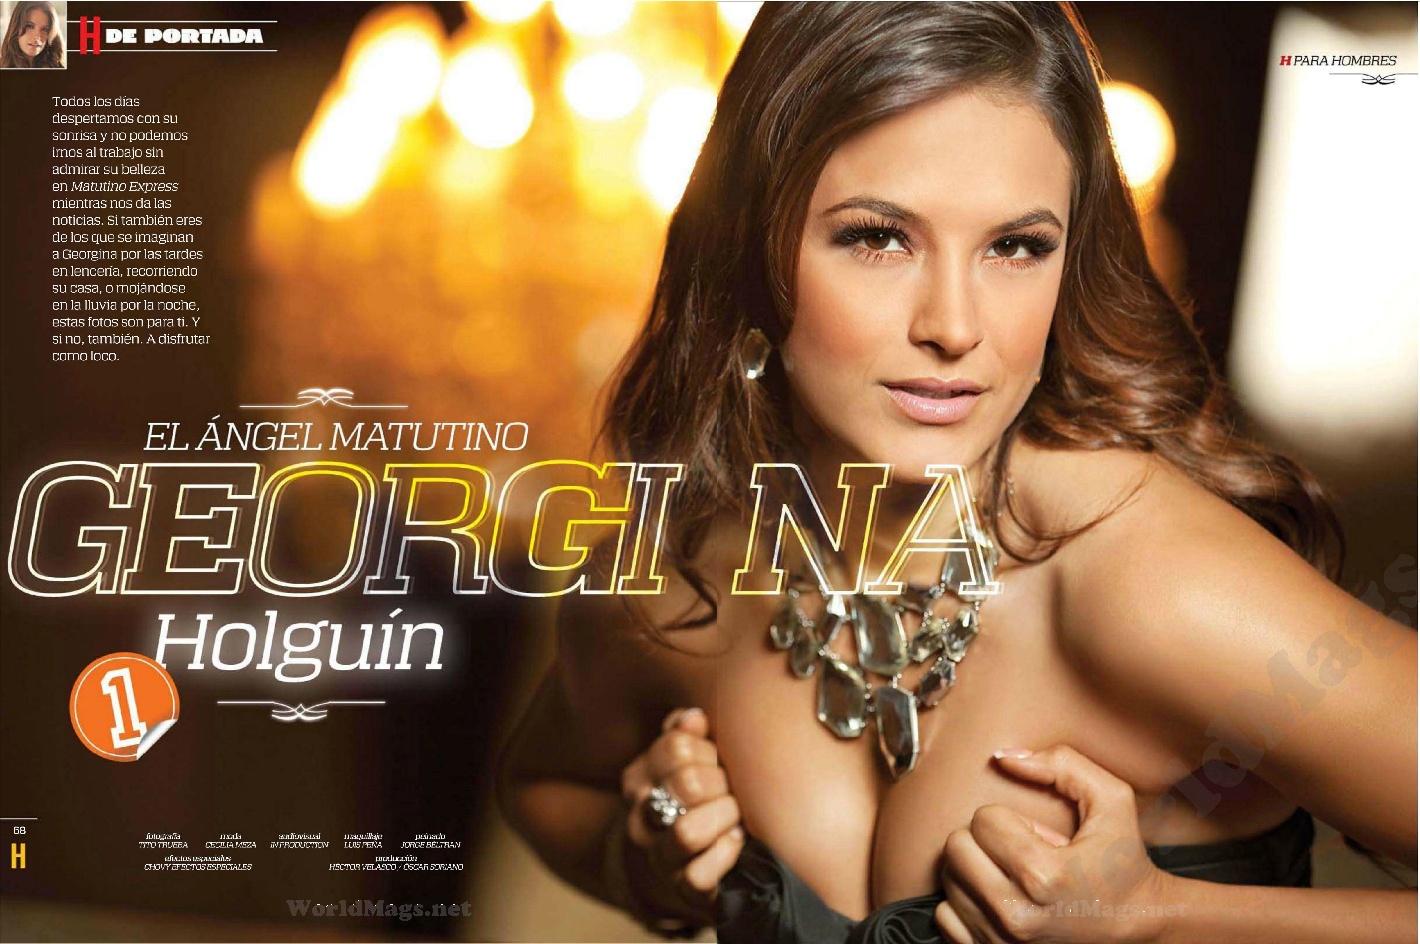 Georgina Holguin - Galeria 1 Foto 1